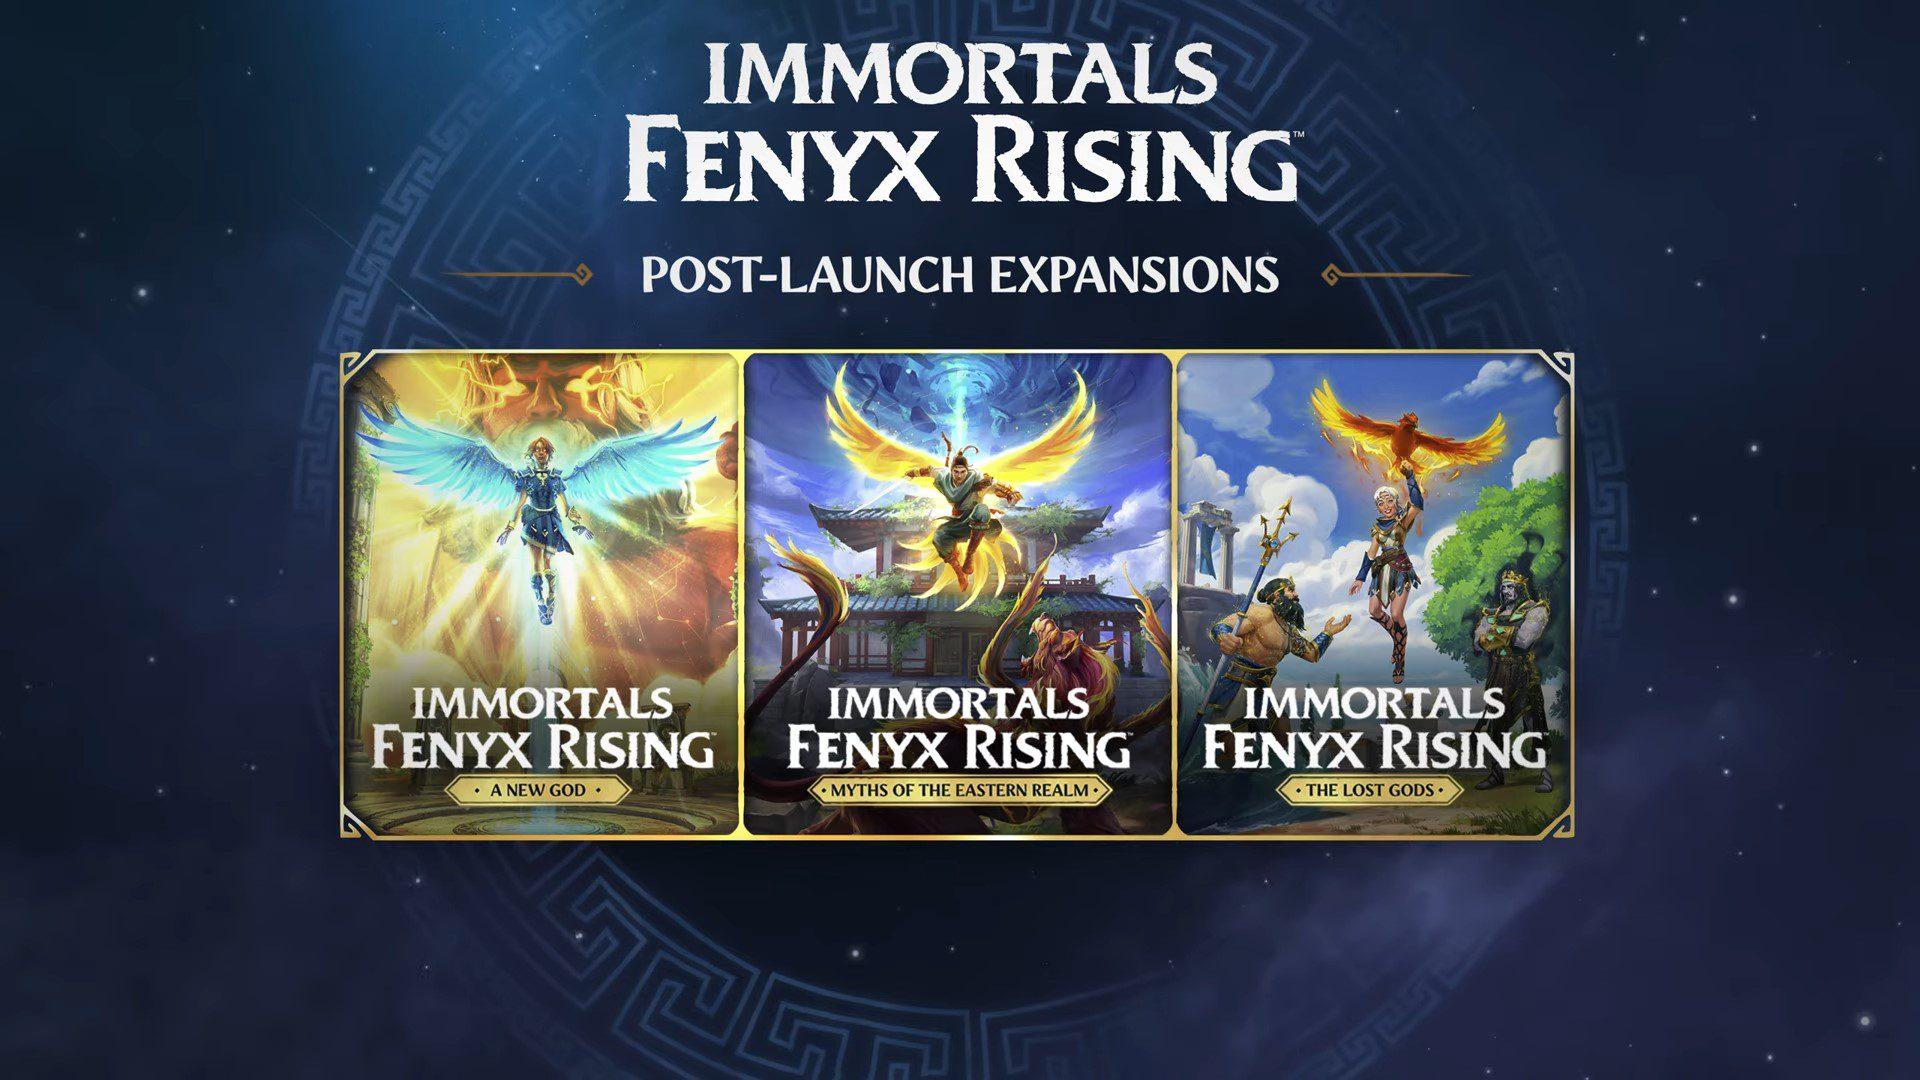 immortals fenyx rising a new god - generacion xbox